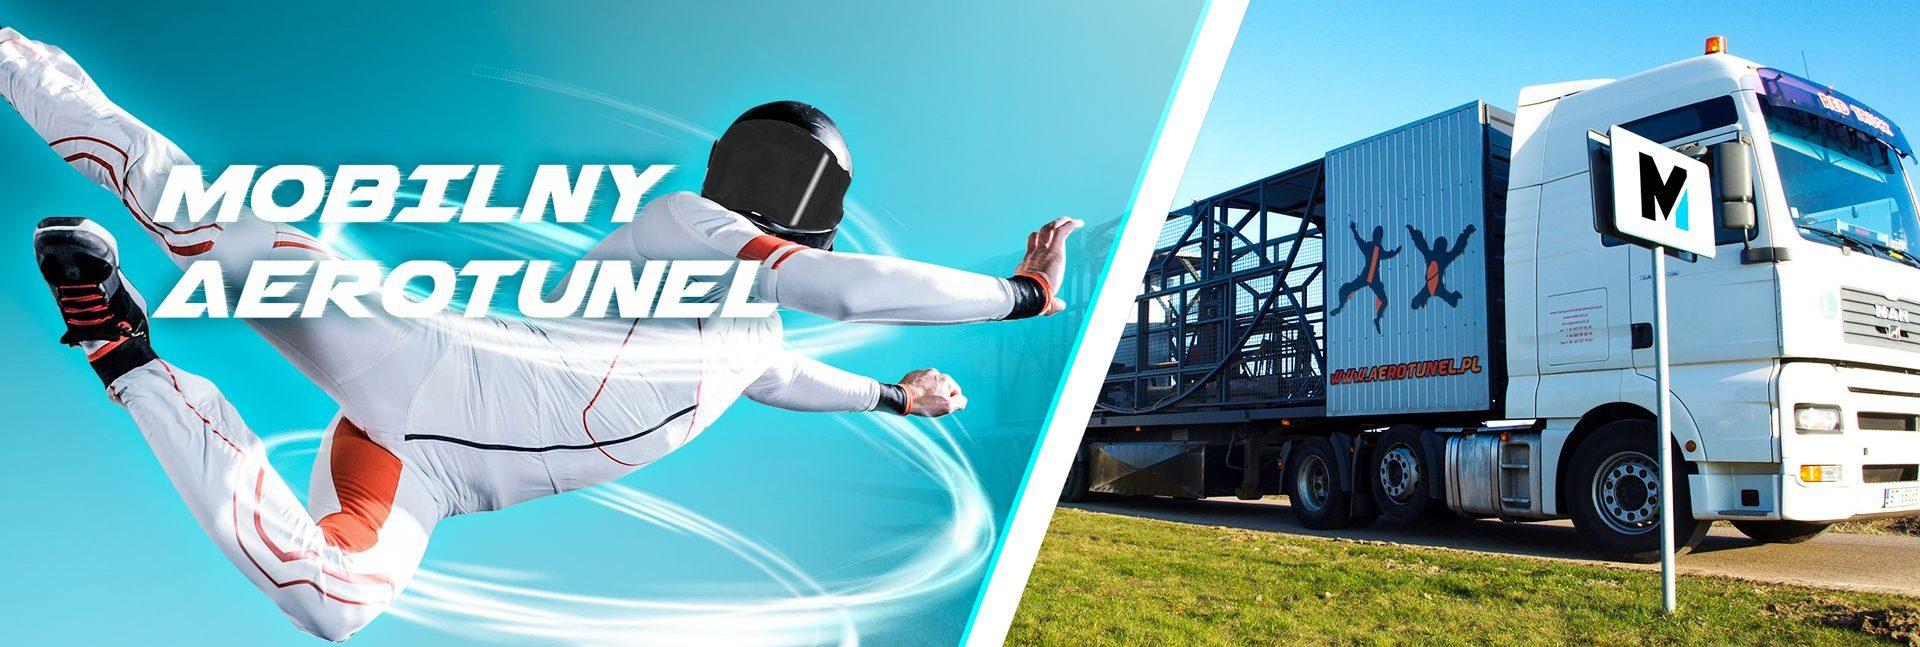 aerotunel slider baner mobilny tunel aerodynamiczny